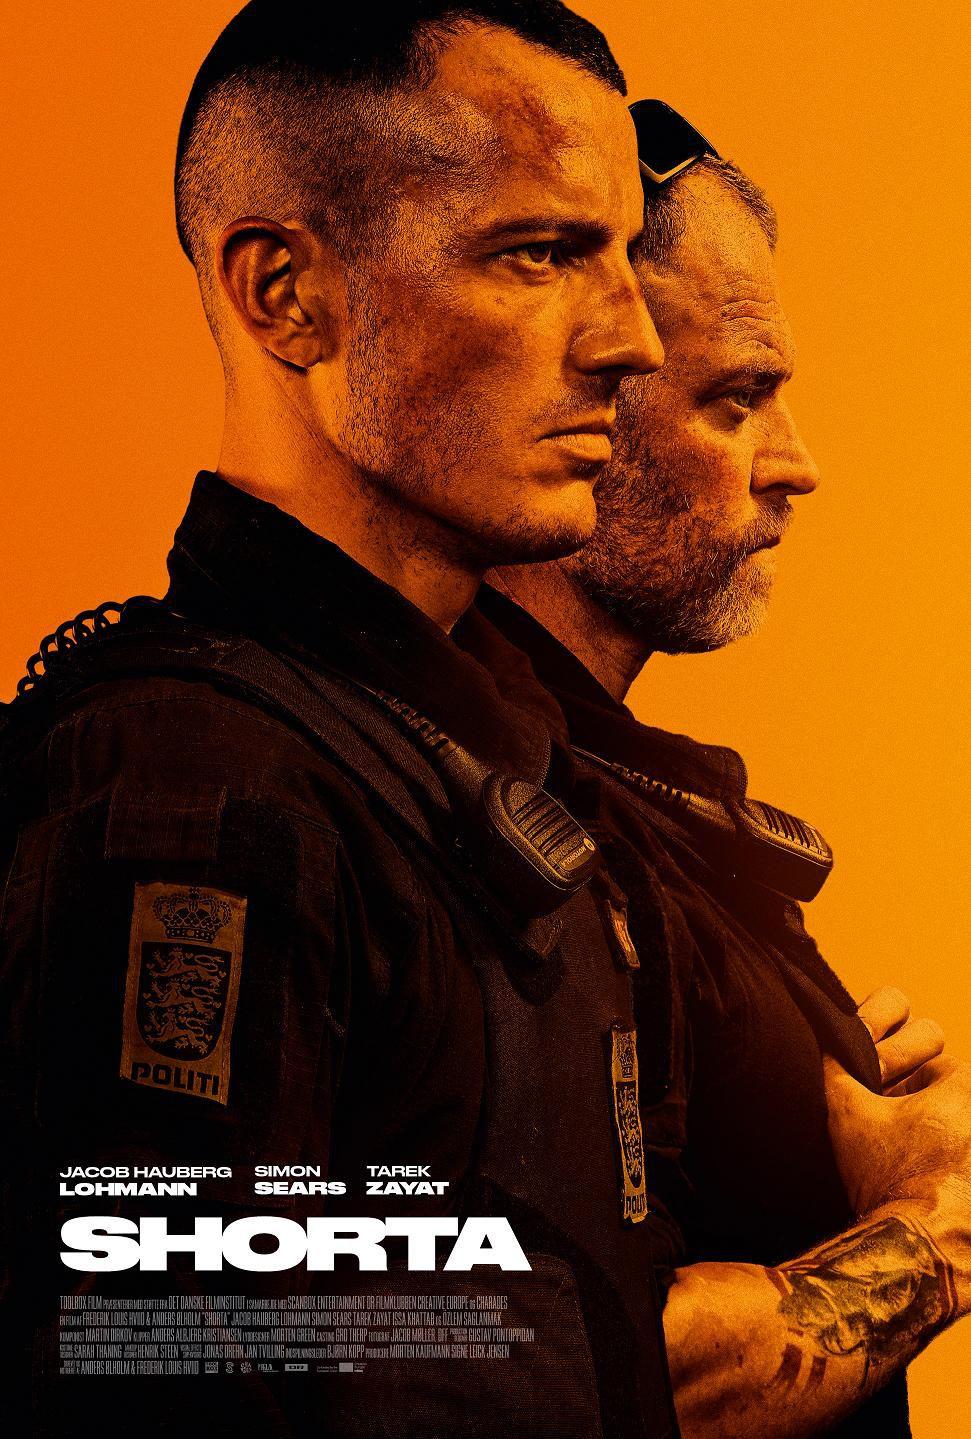 Shorta - Film (2020)